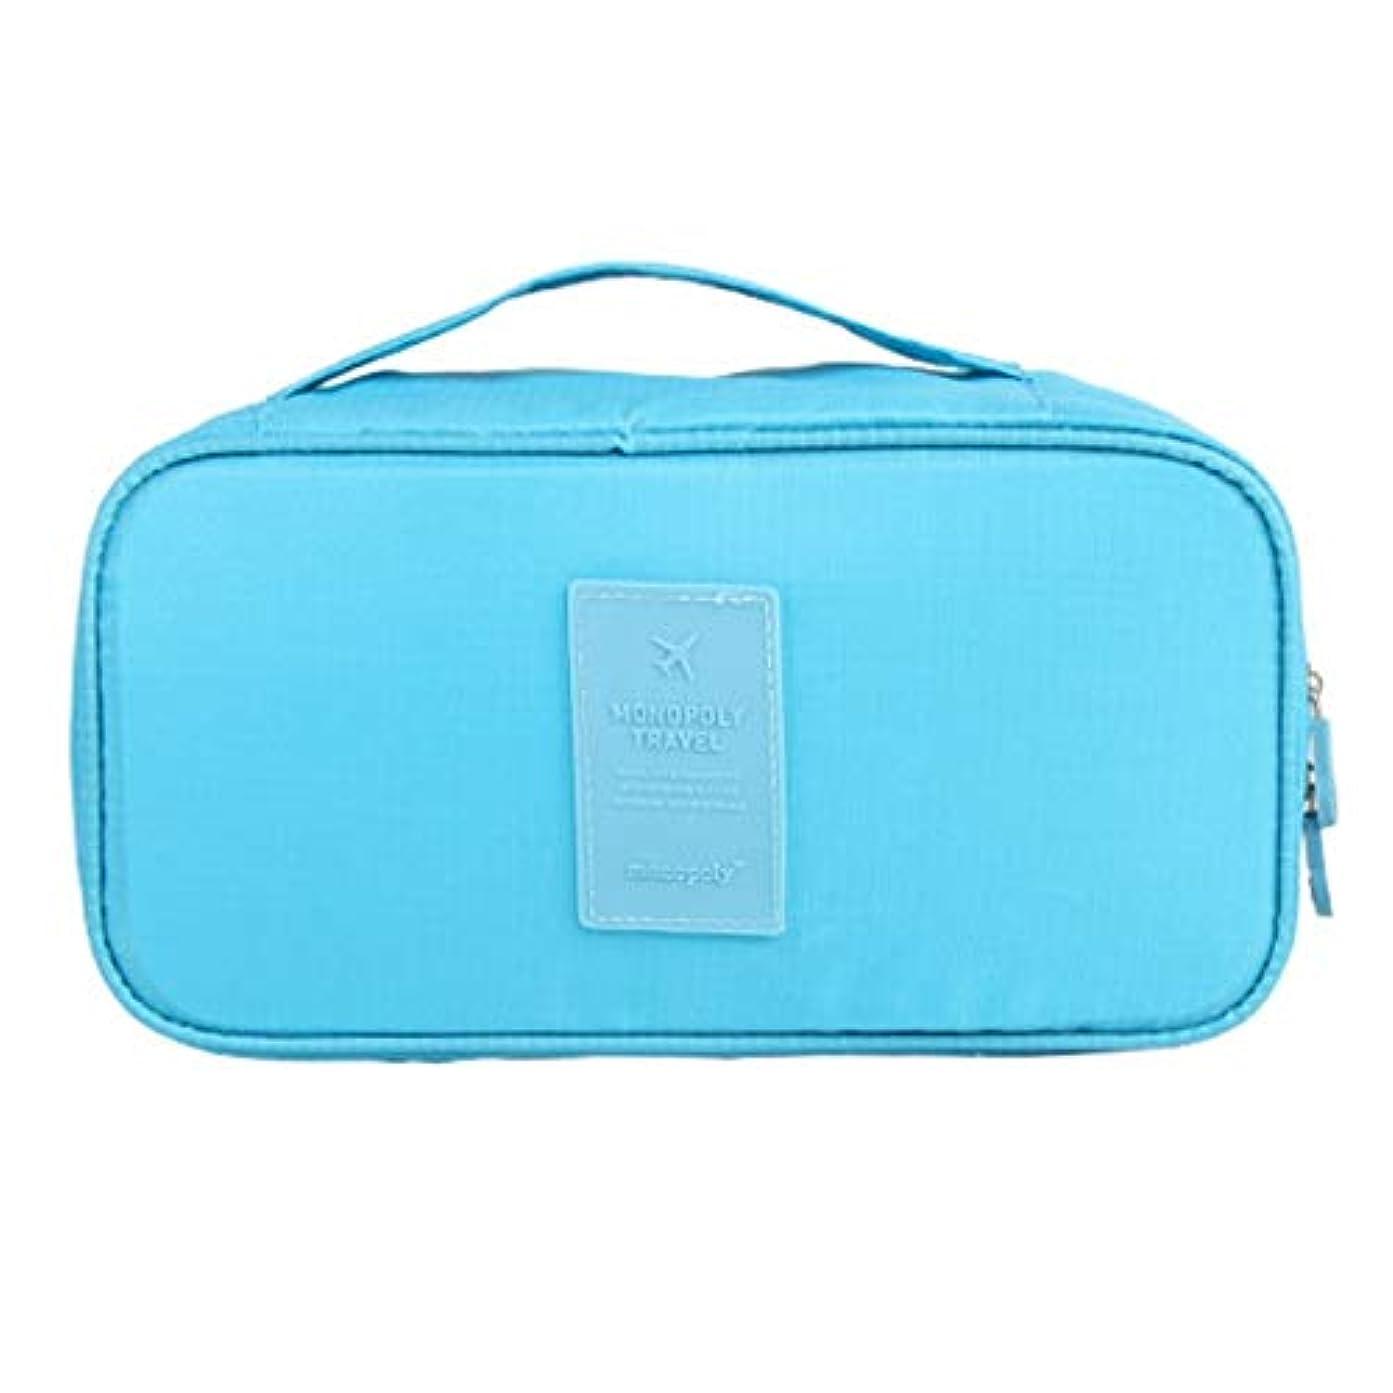 宝ベックス明るくする化粧オーガナイザーバッグ 旅行用品旅行用シェービングヘアバッグ 化粧品ケース (色 : 青)